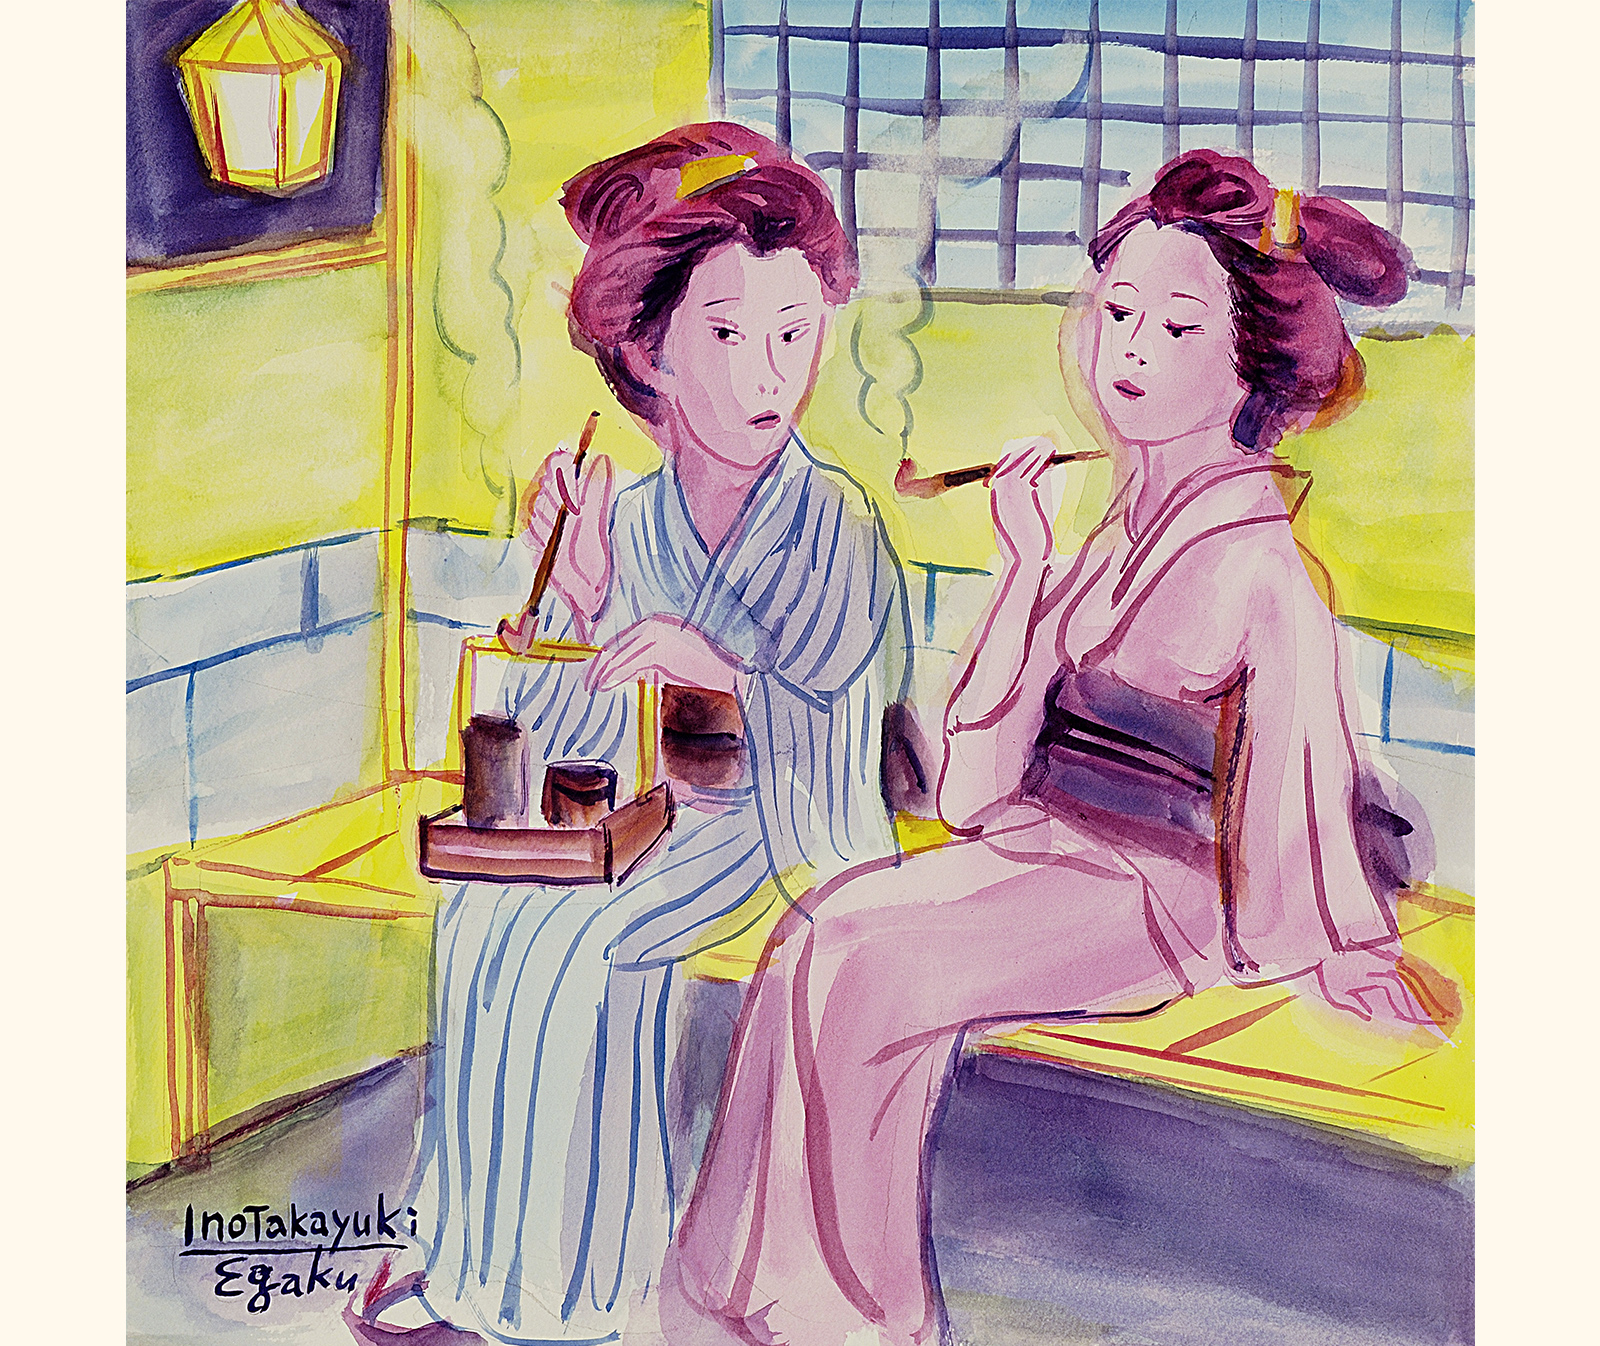 煙草を飲む女